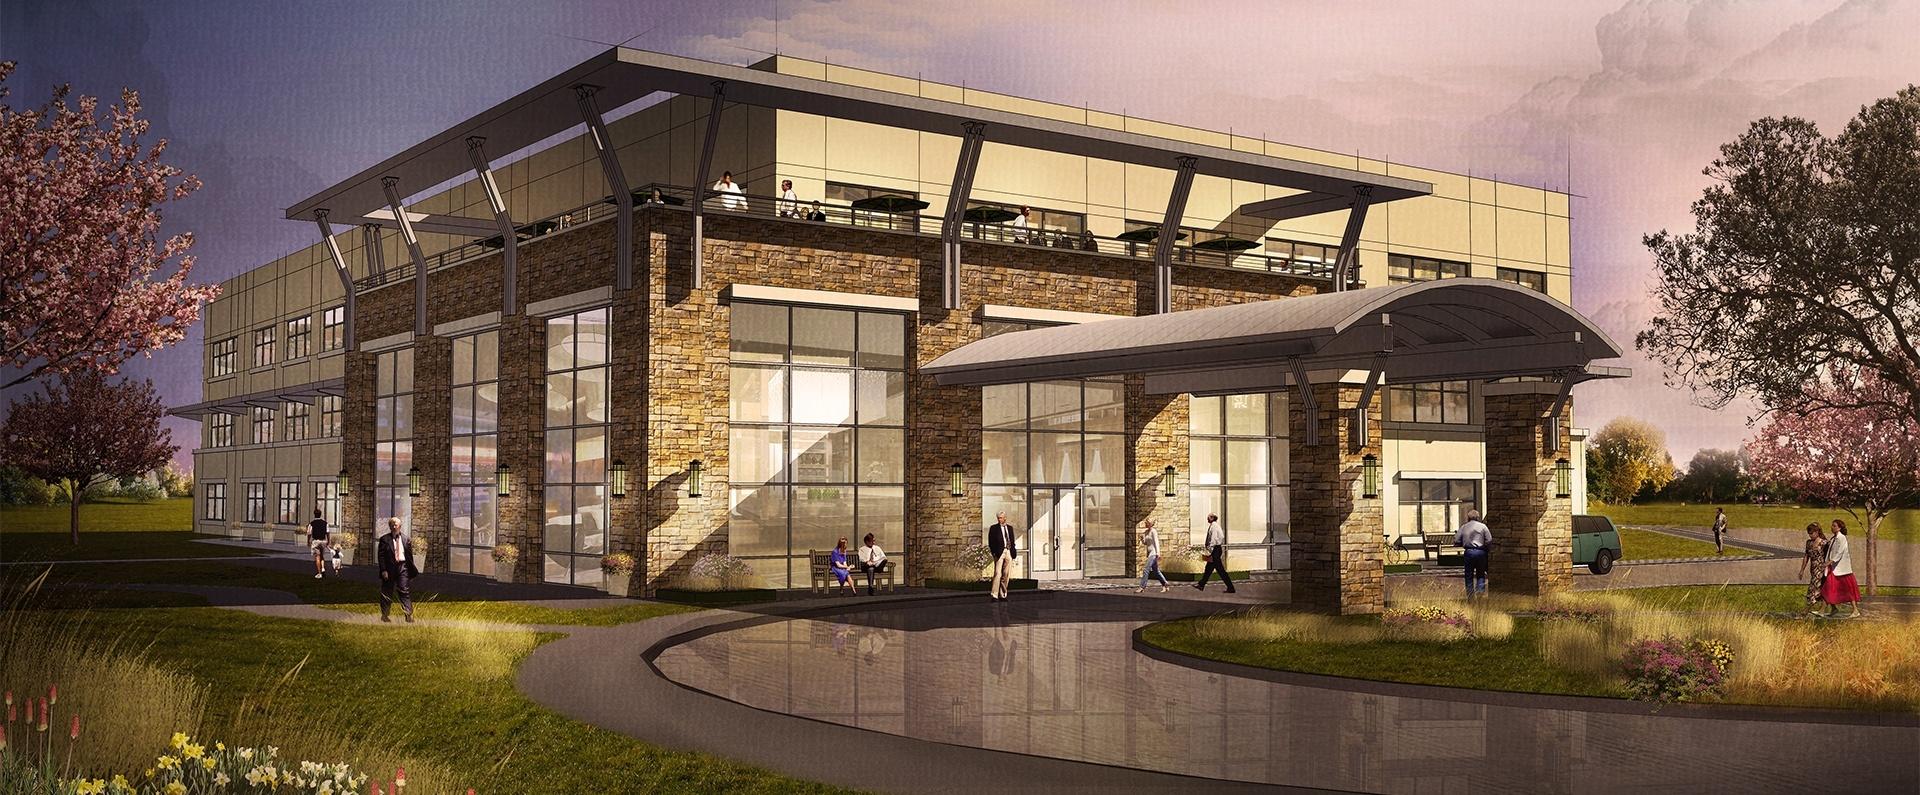 Mccoy Building Materials Texas